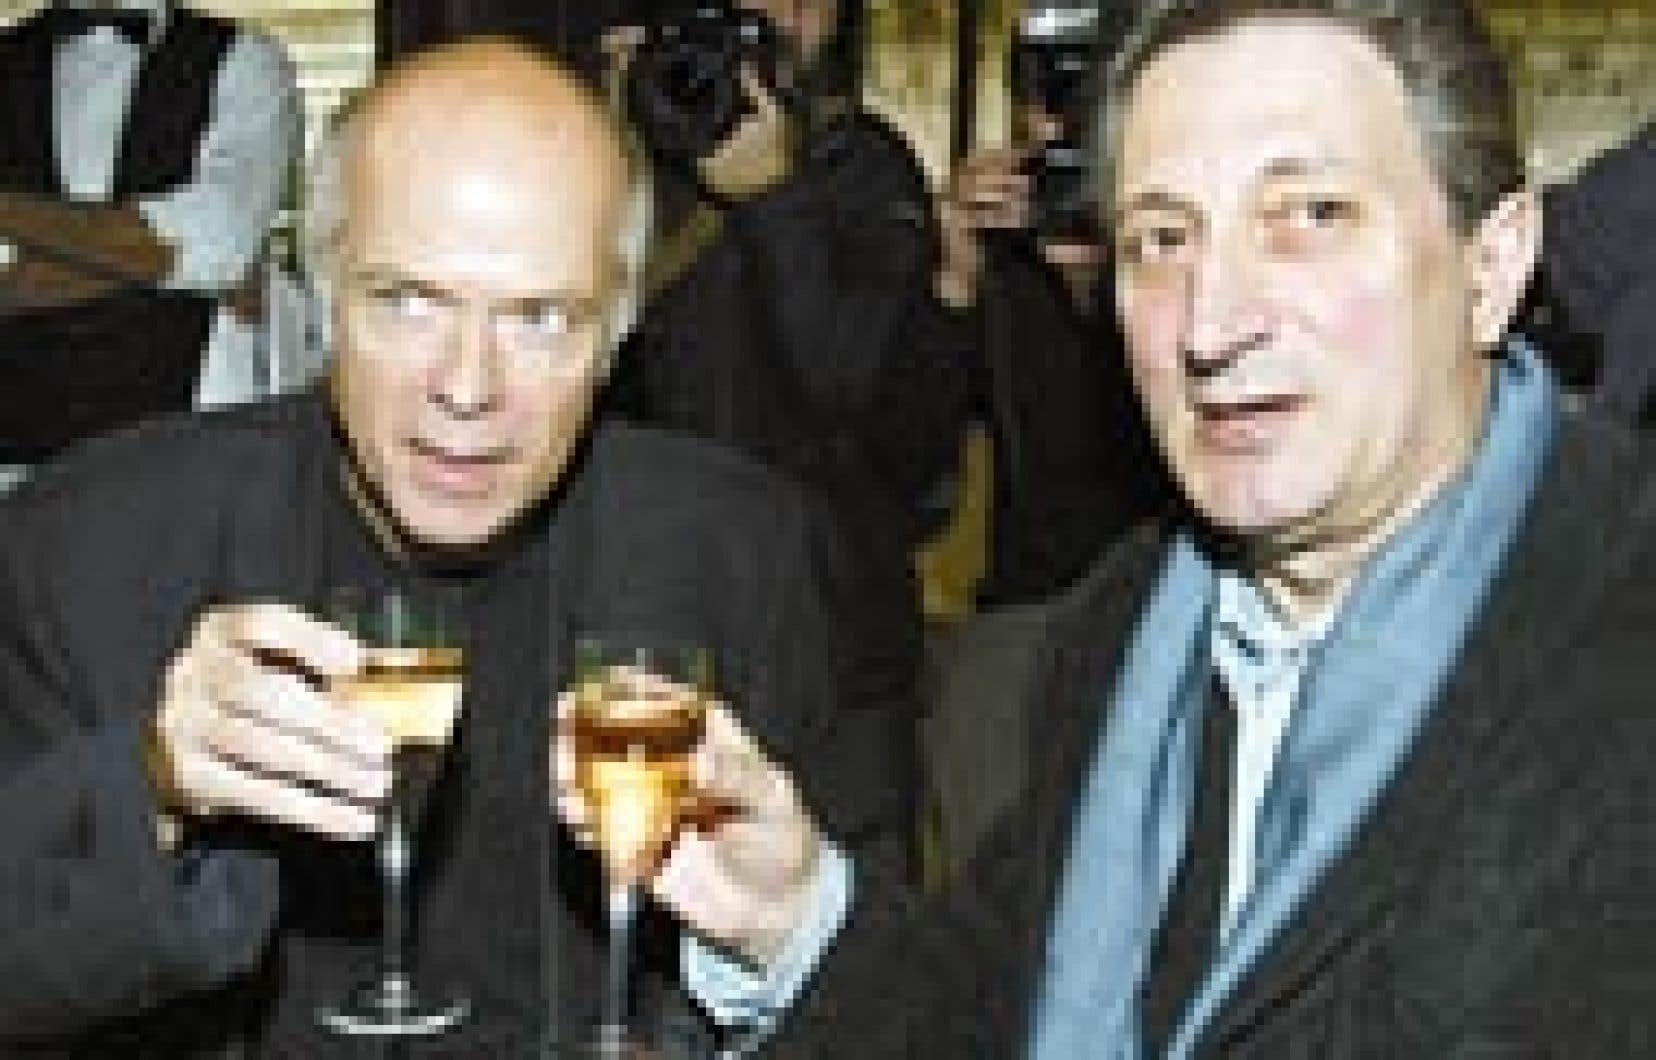 Le lauréat du prix Goncourt, Pascal Quignard, et celui du prix Renaudot, Gérard de Cortanze, ont trinqué, hier, à Paris.